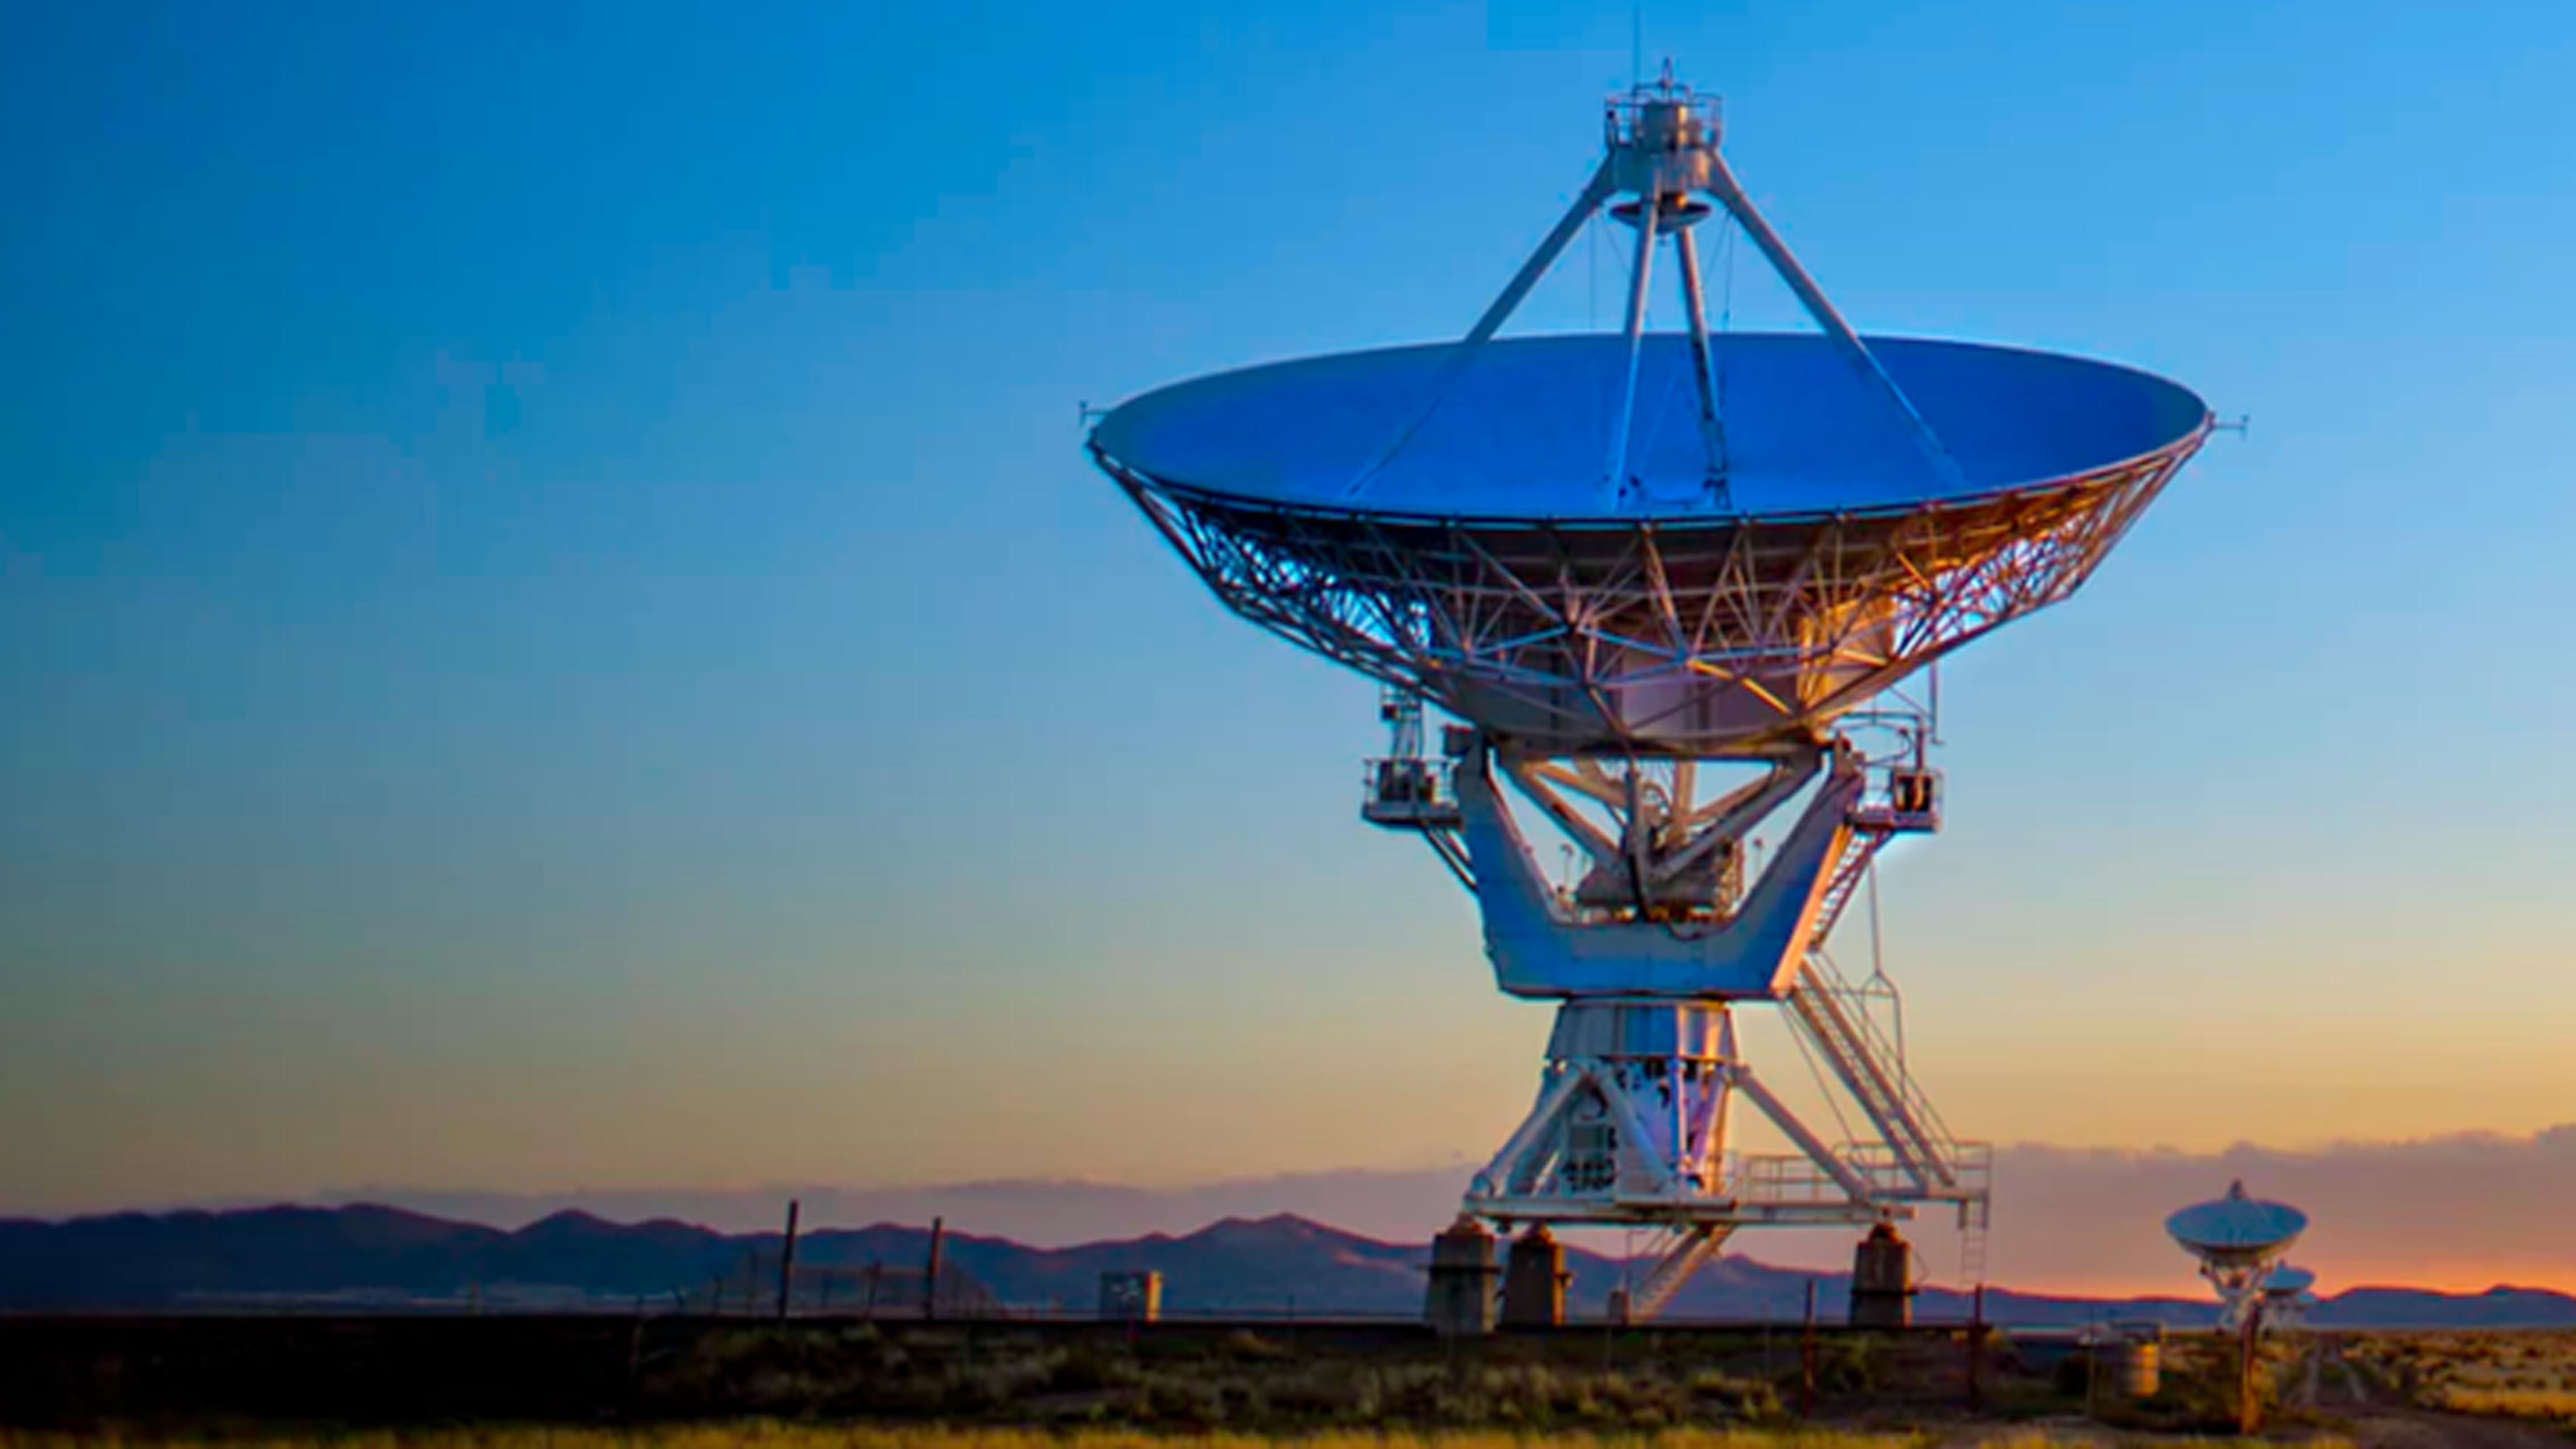 Antenna_Hubspot-1